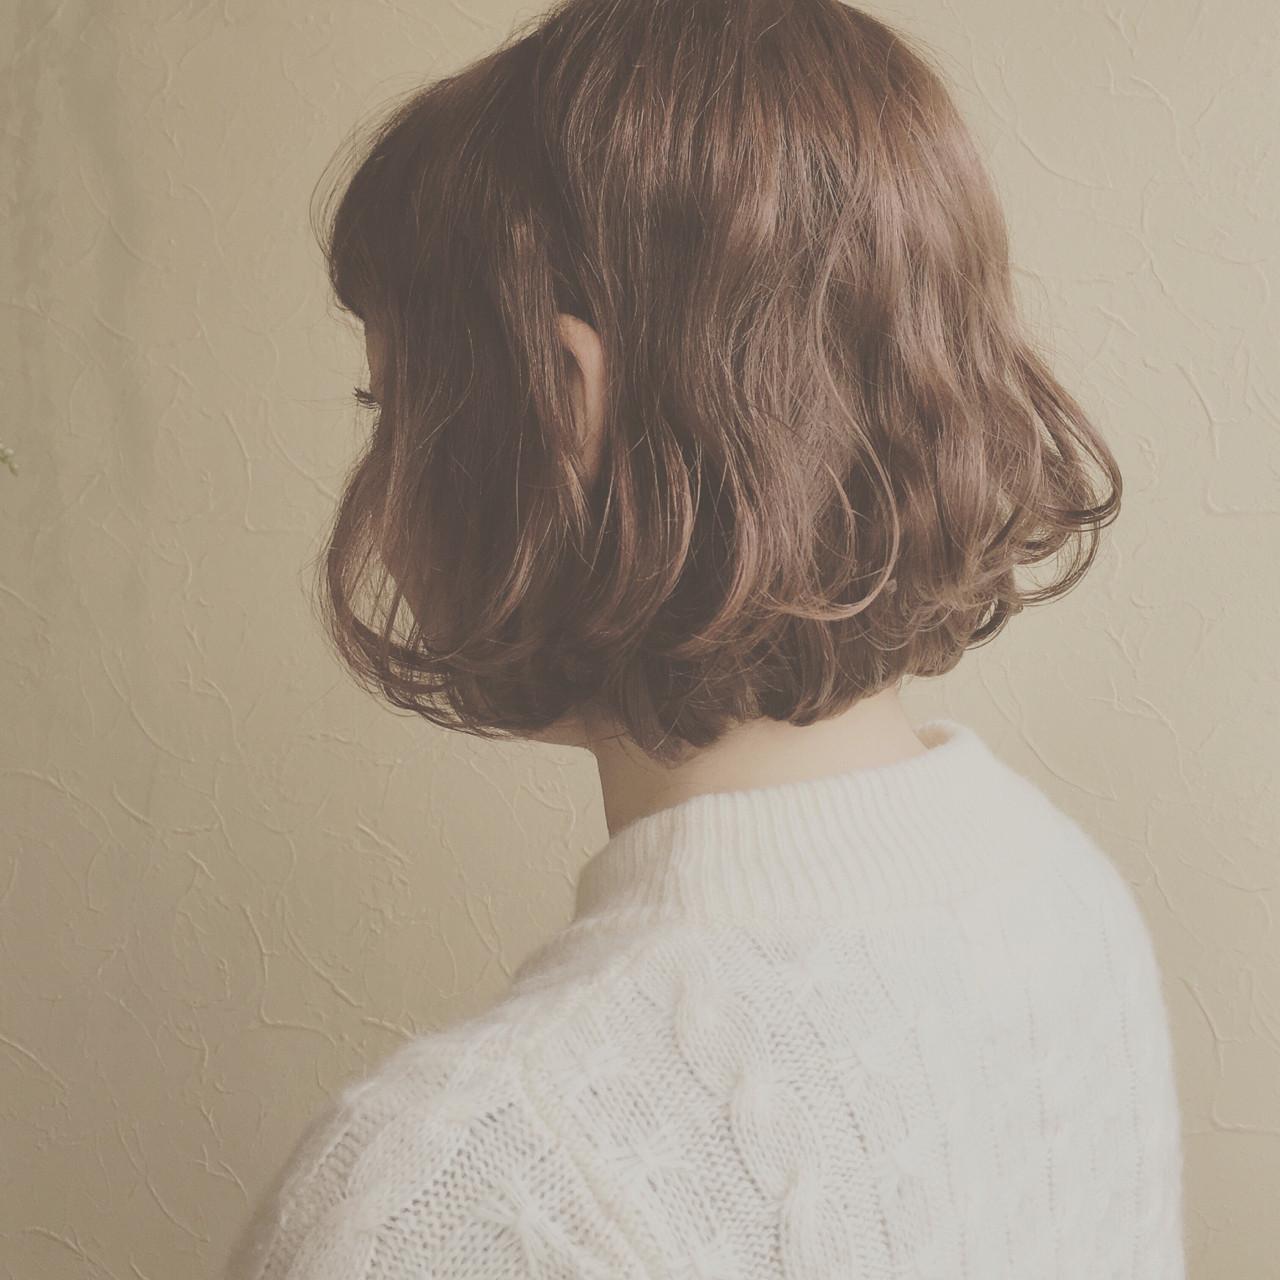 大人かわいい 波ウェーブ ボブ アンニュイ ヘアスタイルや髪型の写真・画像